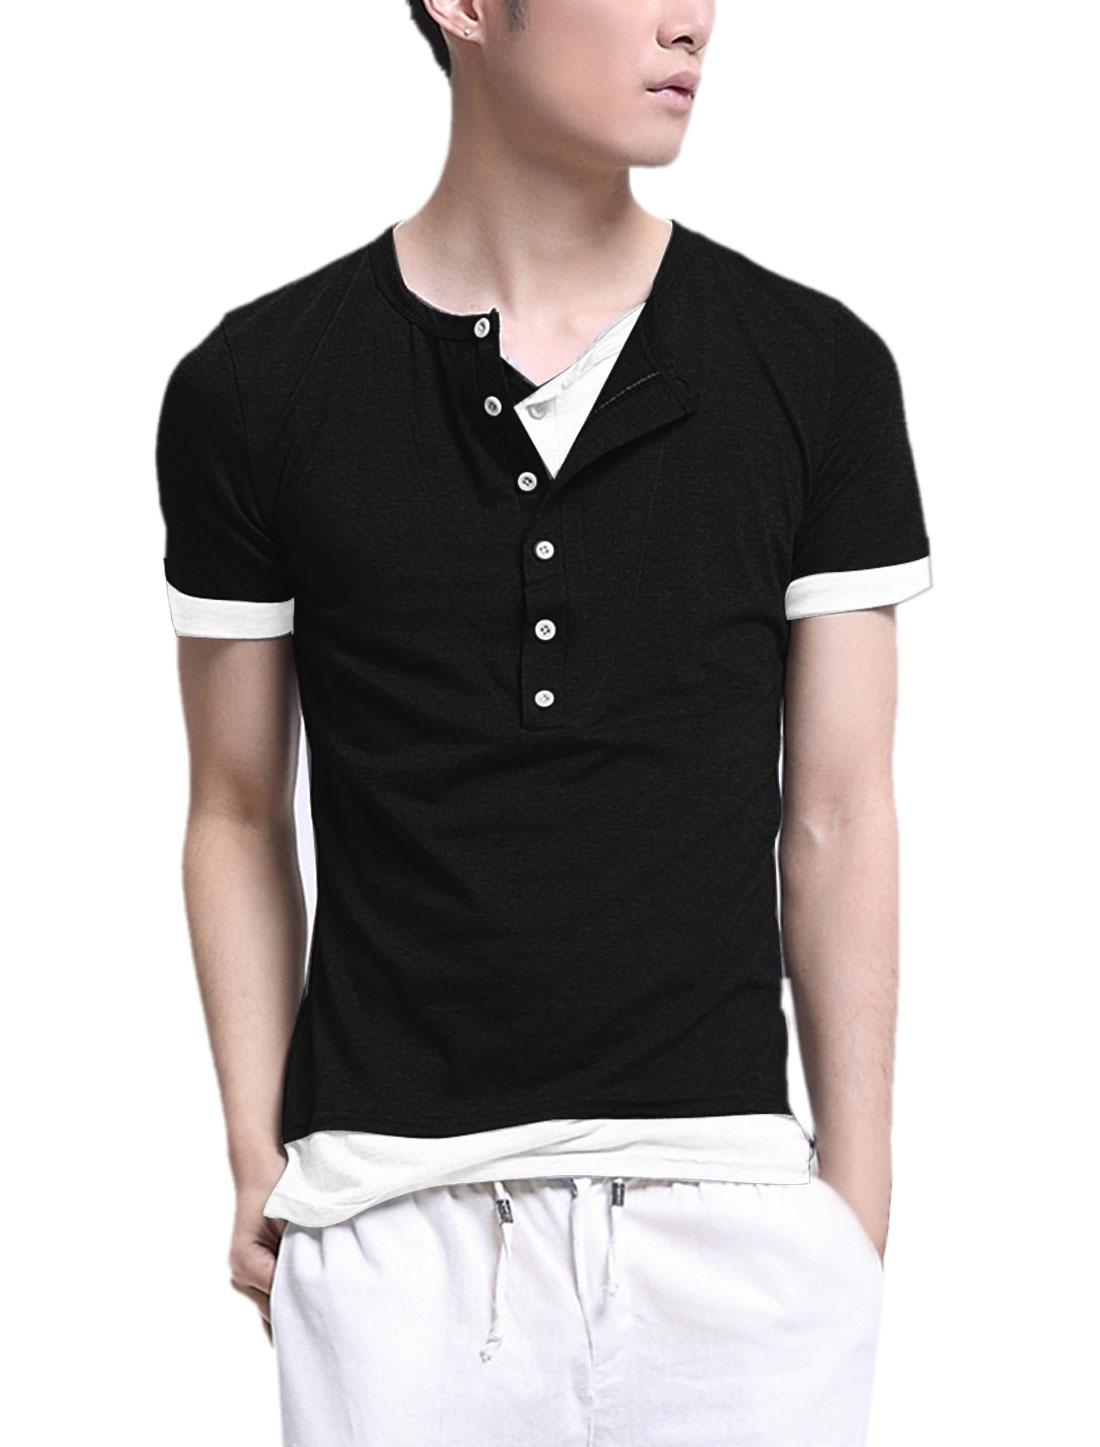 Men Round Neck Button Closure Up Short Sleeve Shirt Black White S